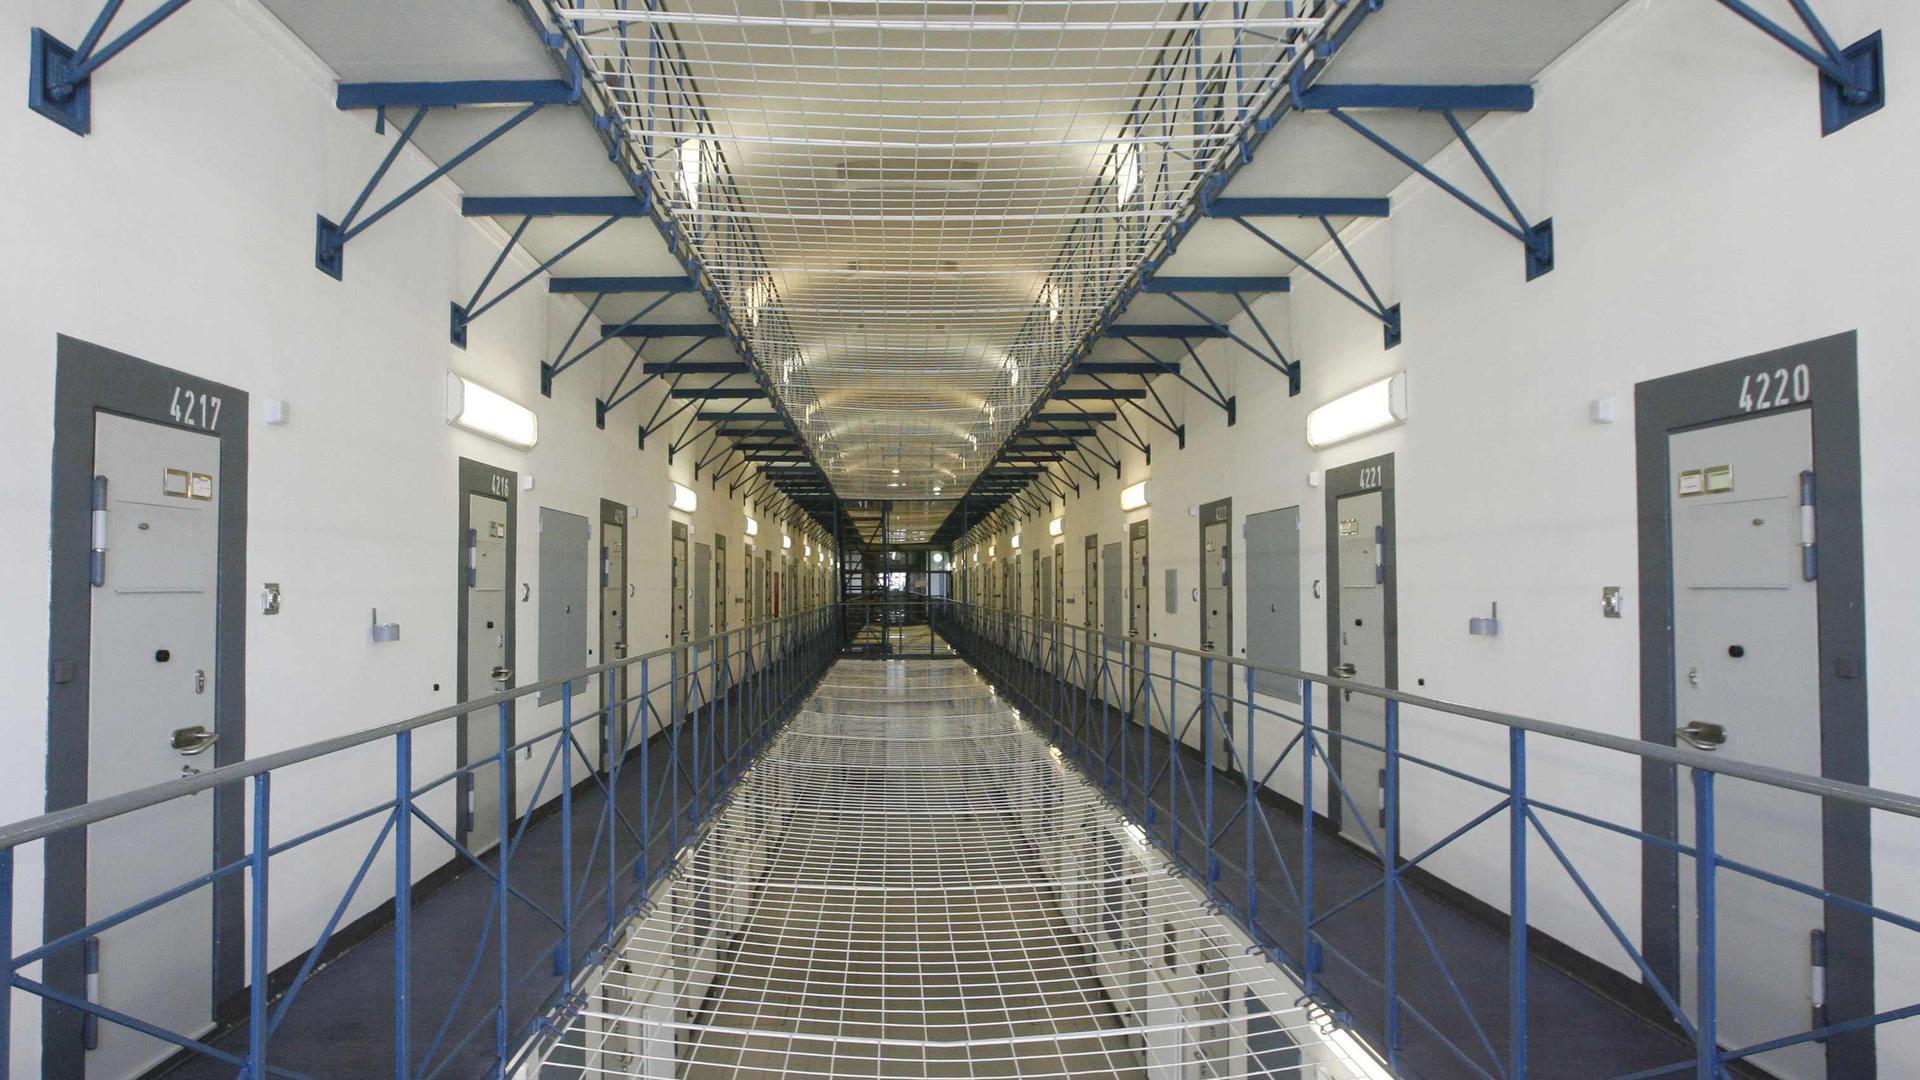 ARCHIV - Das Foto vom 27.03.2007 zeigt einen von vier Gefangenenflügeln der Justizvollzugsanstalt Bruchsal (JVA). In der JVA bei Karlsruhe sitzt der ehemalige RAF-Terrorist Klar seine Strafe ab. Bundespräsident Köhler hat das Gnadengesuch des ehemaligen RAF-Terroristen Klar abgelehnt. Dies teilte das Präsidialamt am Montag (07.05.2007) in Berlin mit. Foto: Uli Deck dpa/lsw +++ dpa-Bildfunk +++